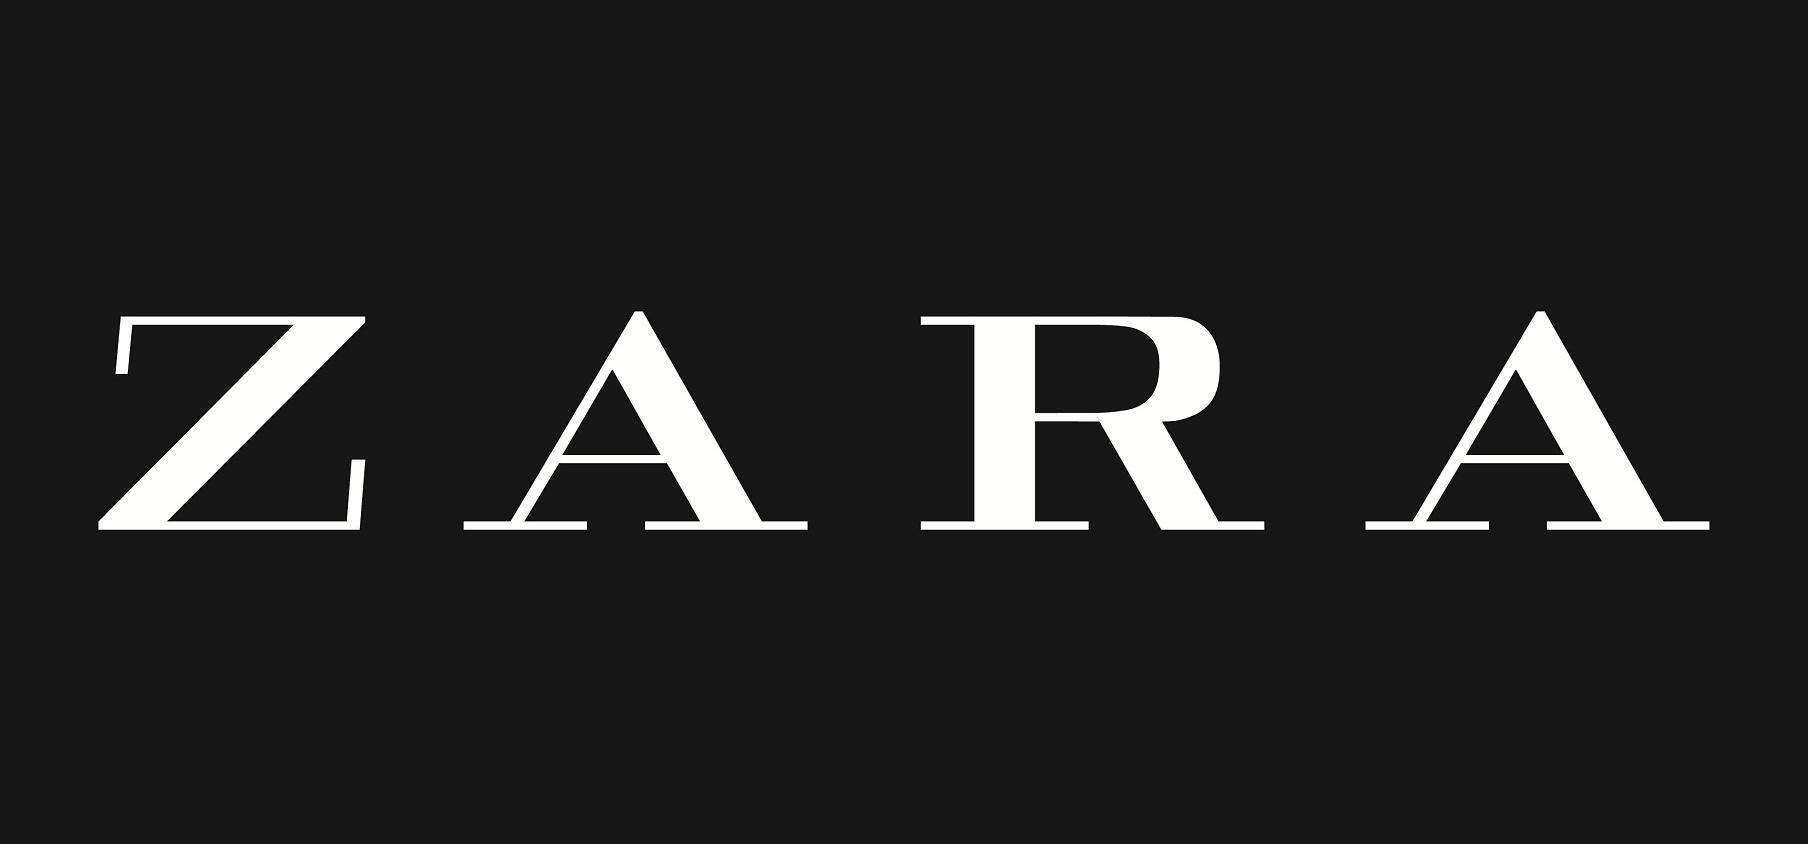 Zara-Emblem.png